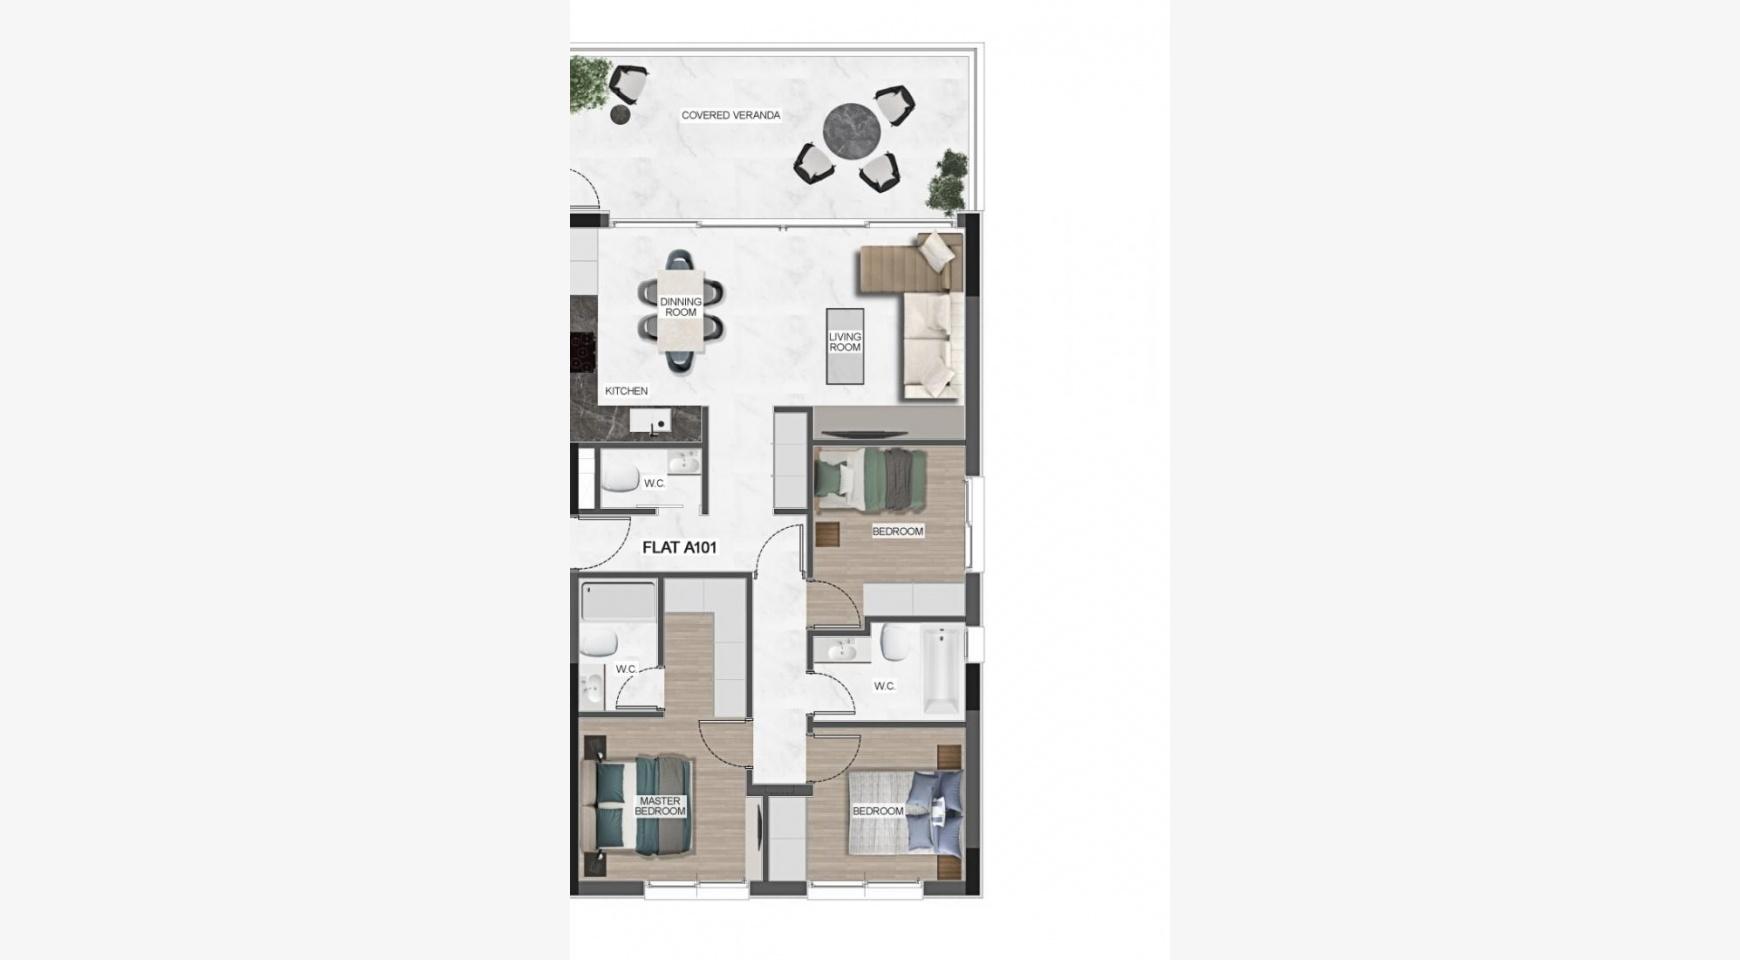 Urban City Residences, Кв. В 501. 3-Спальная Квартира в Новом Комплексе в Центре Города - 43